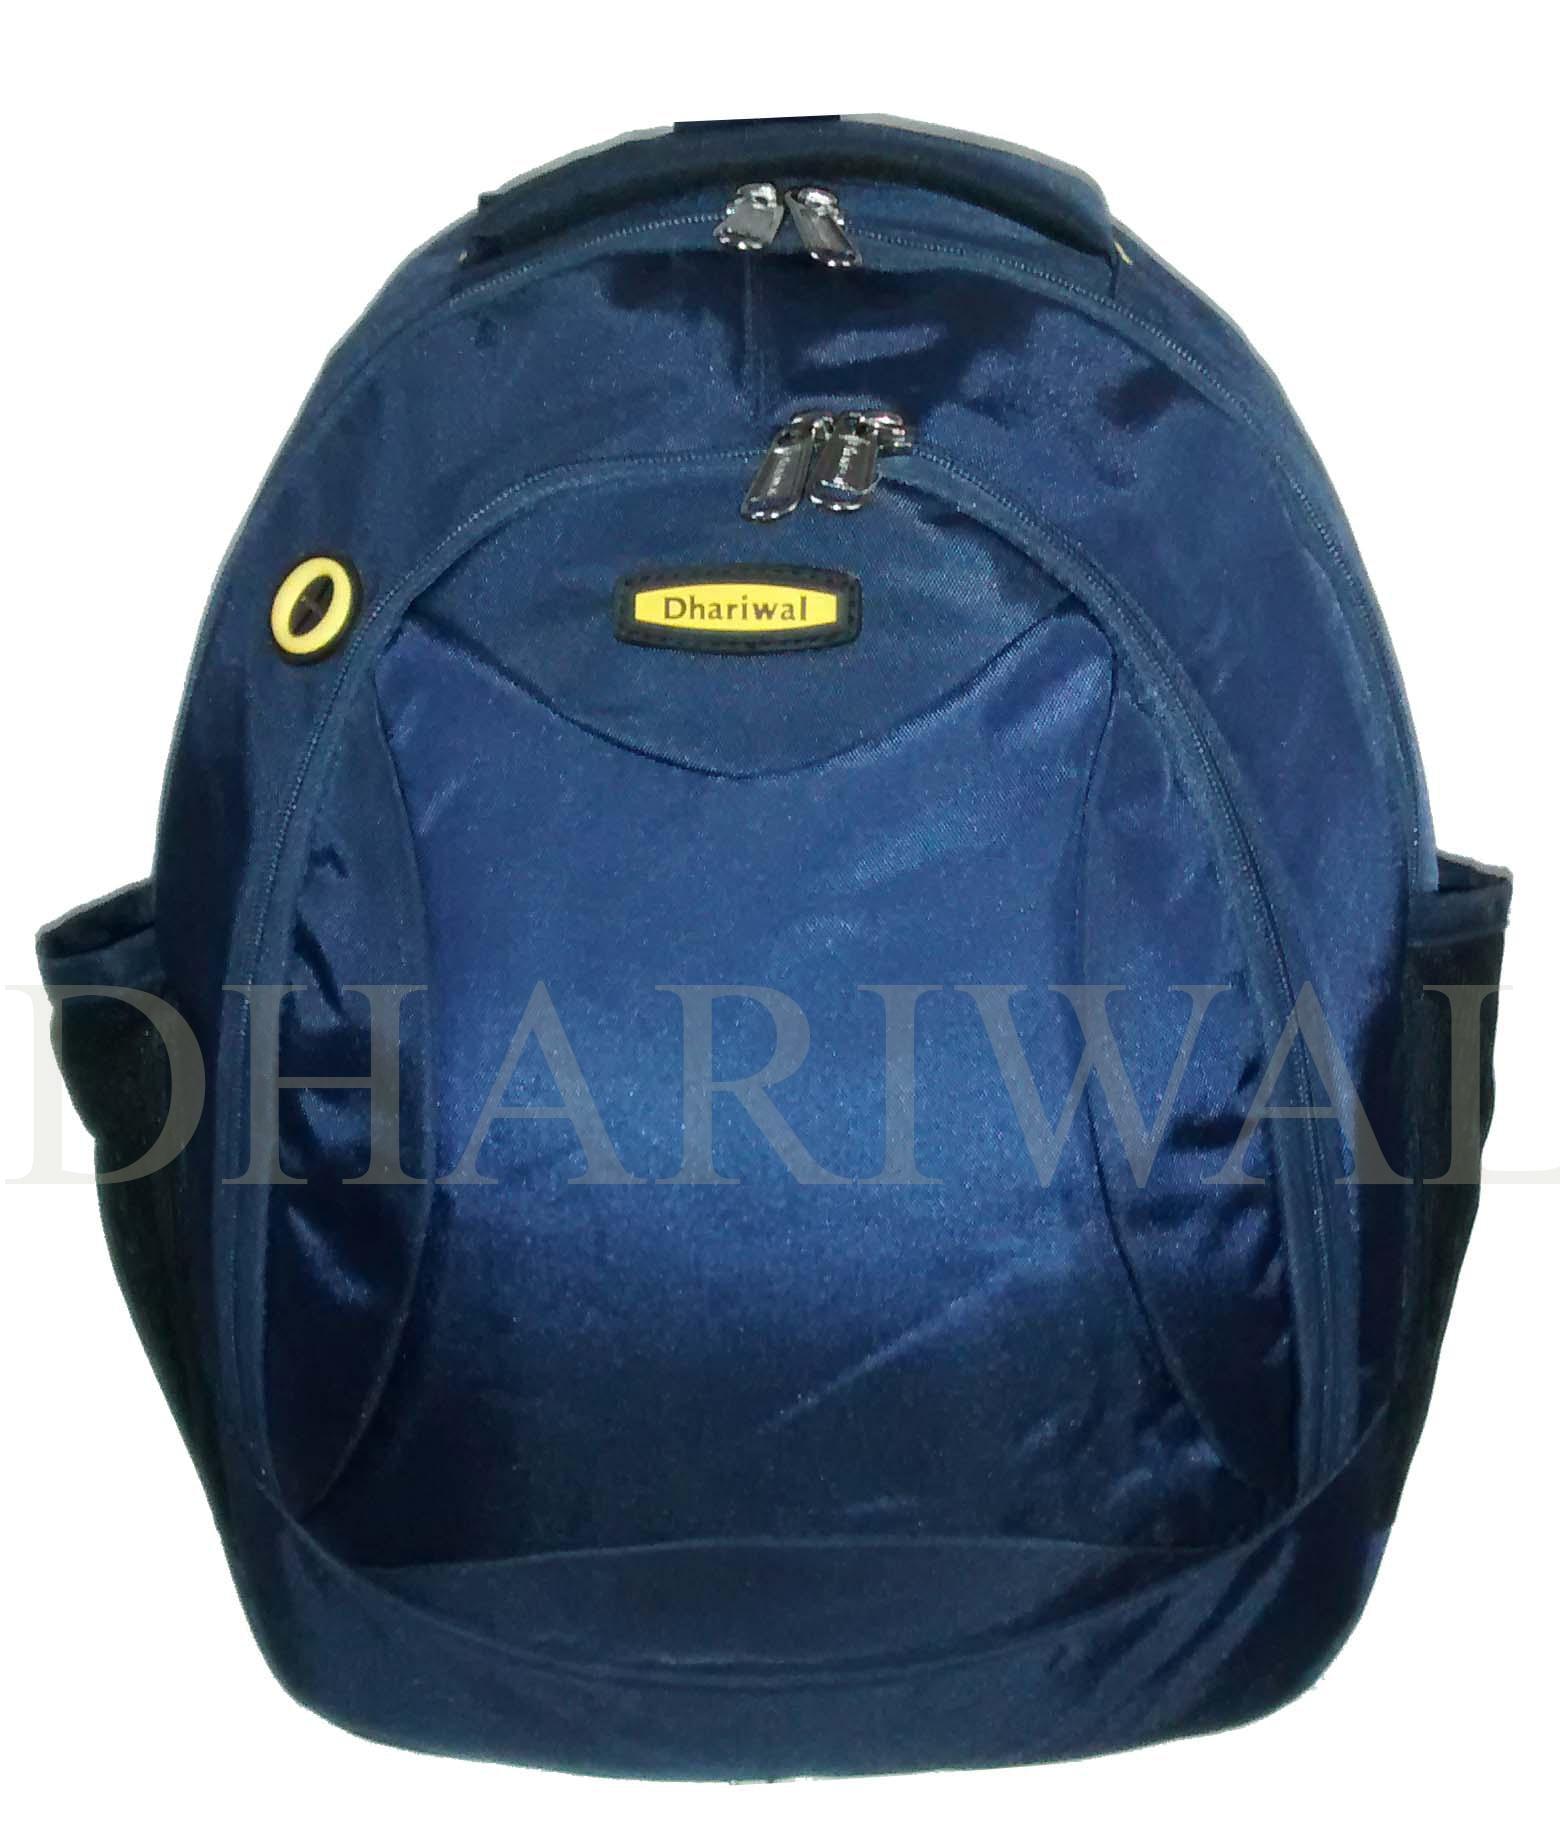 Dhariwal Bags